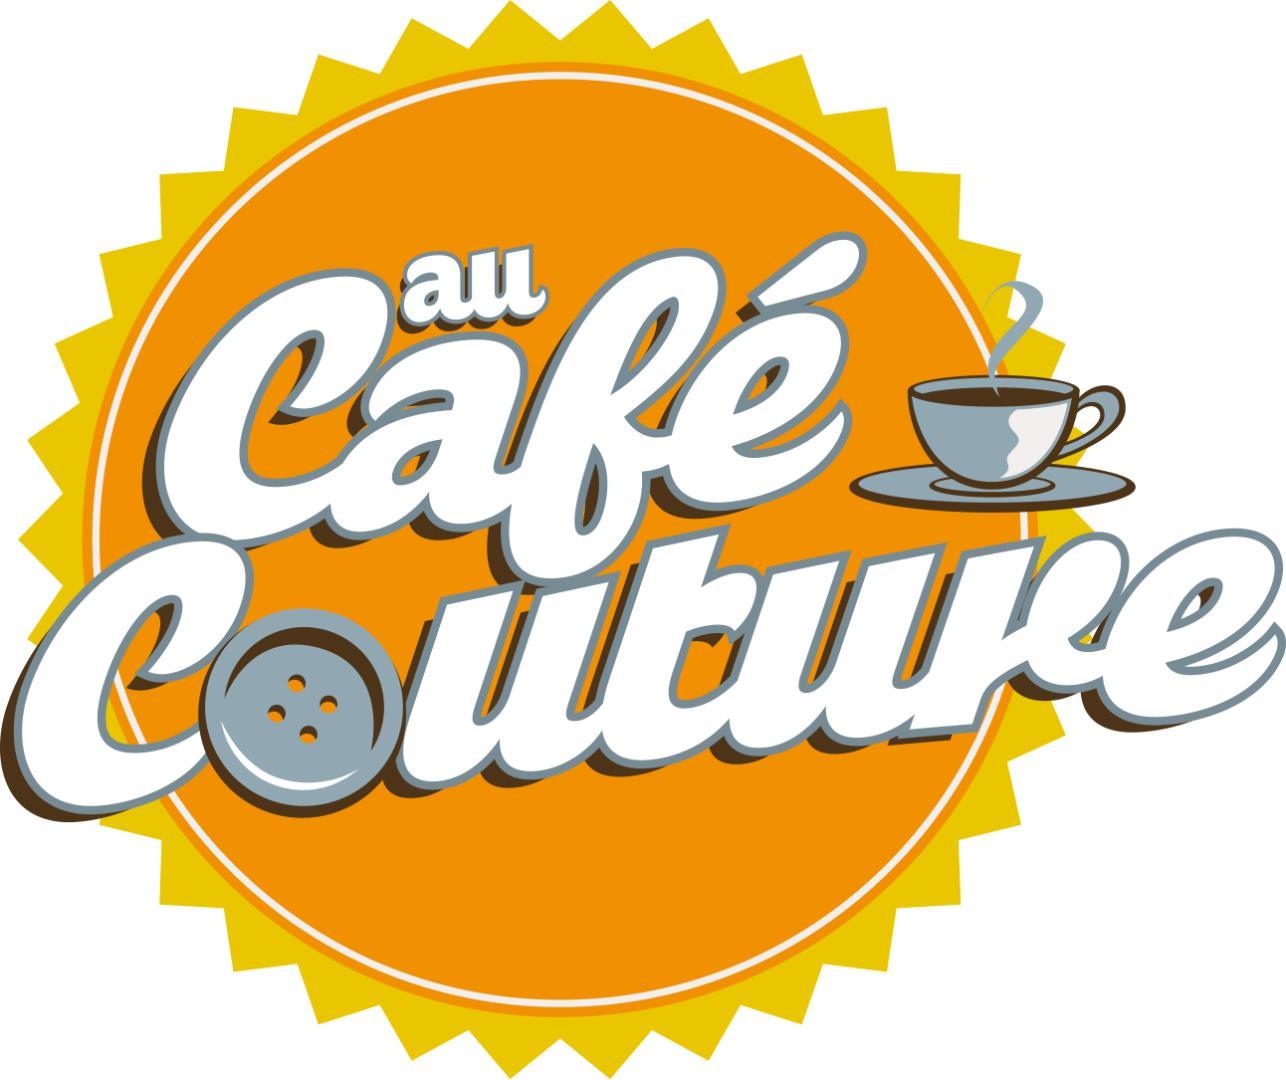 Association - Tout pour la Couture / Au Café Couture